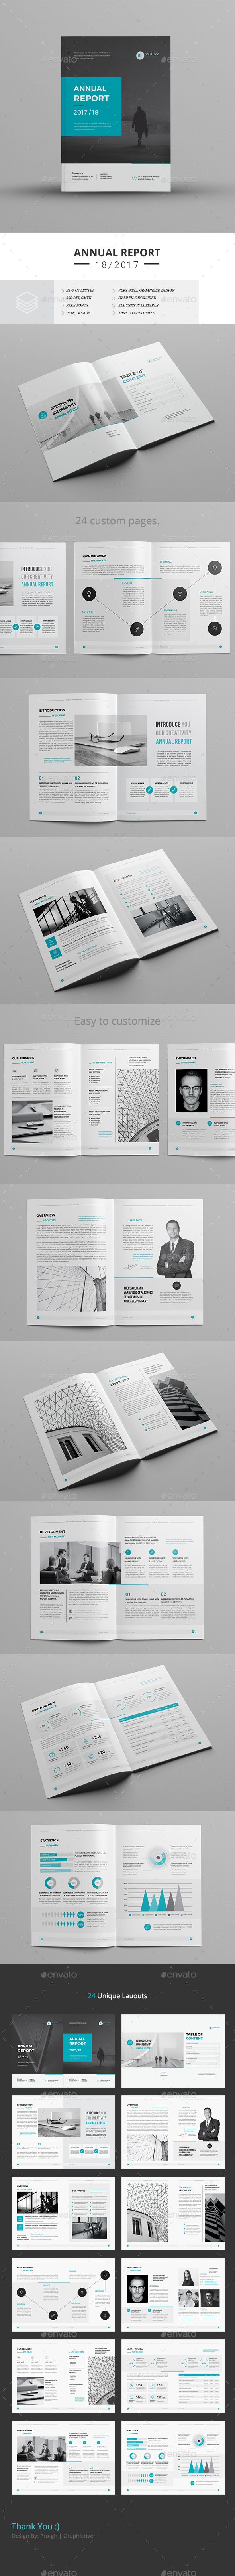 Annual Report | Diseño editorial, Editorial y Informes anuales